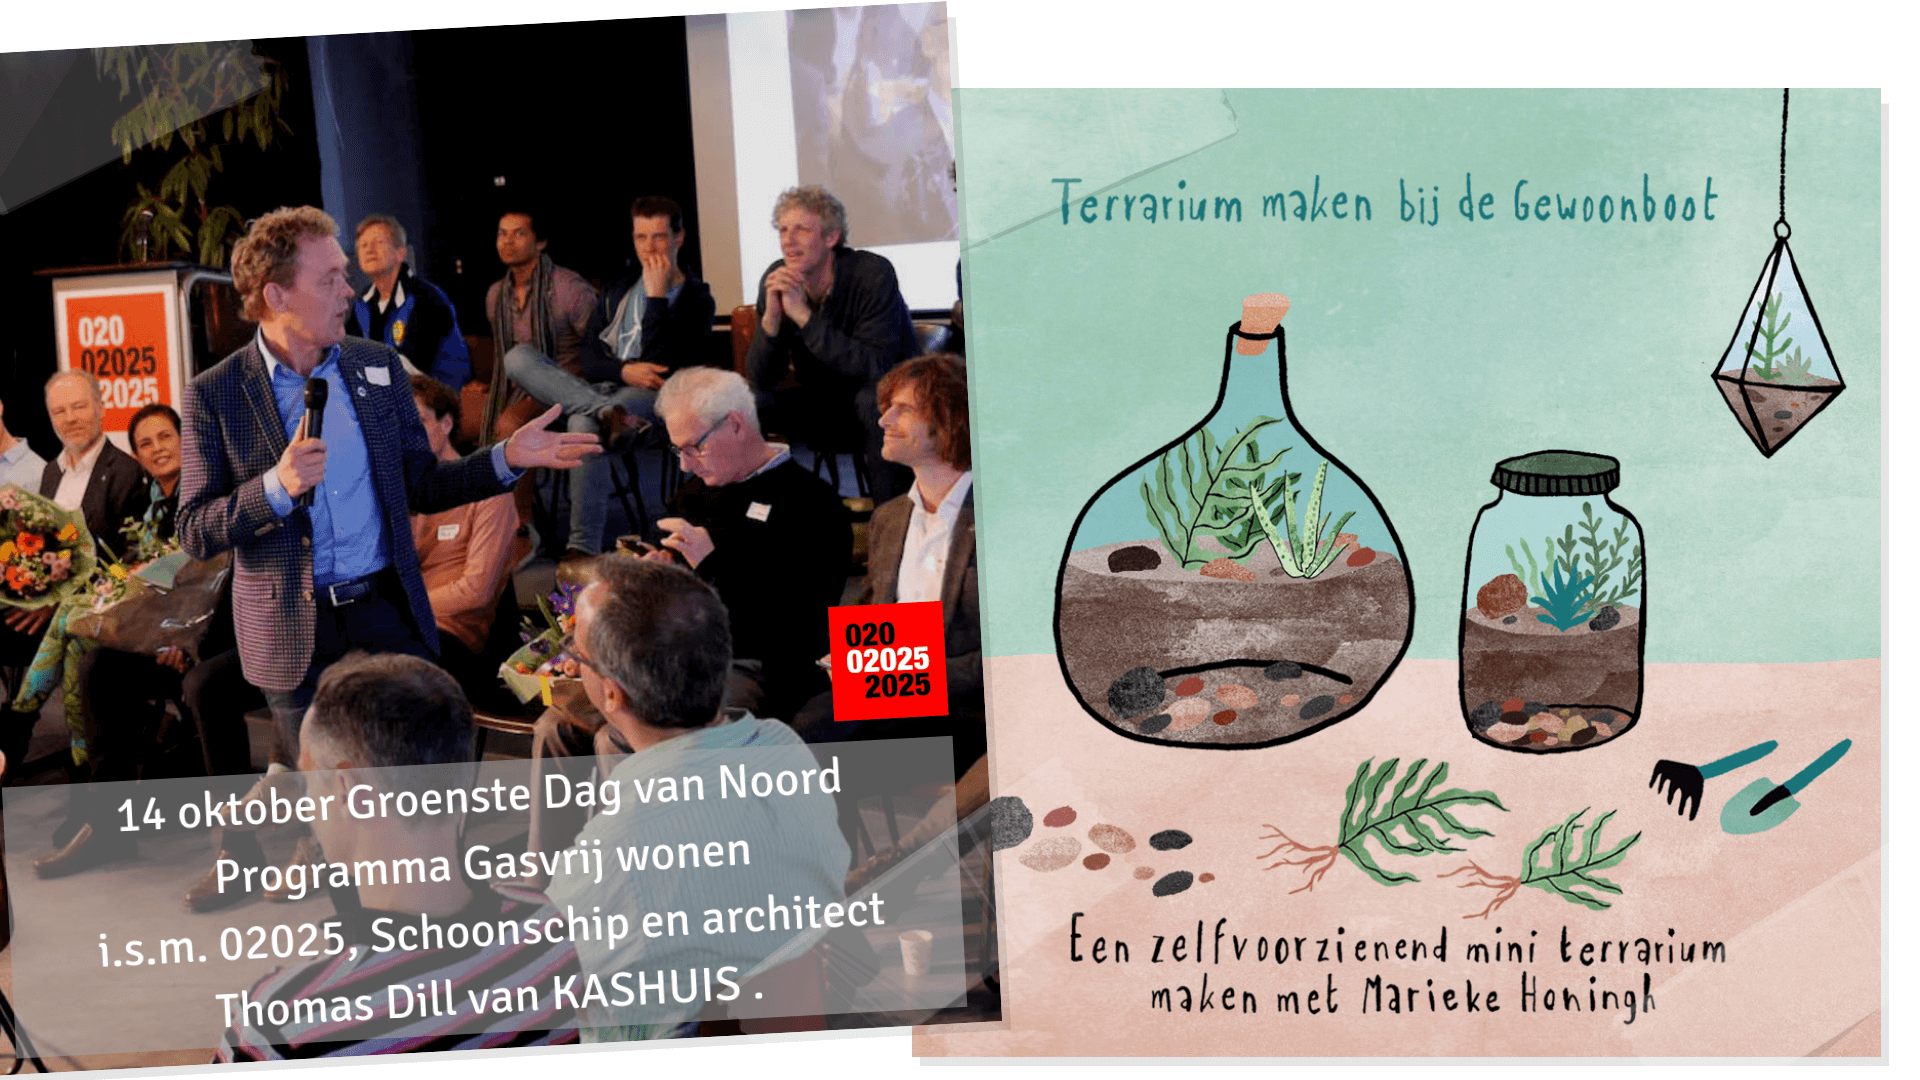 Hotspot duurzaam wonen/werken – 14 oktober – 2 inspiratie sessies aan boord tijdens de Groenste Dag van Noord